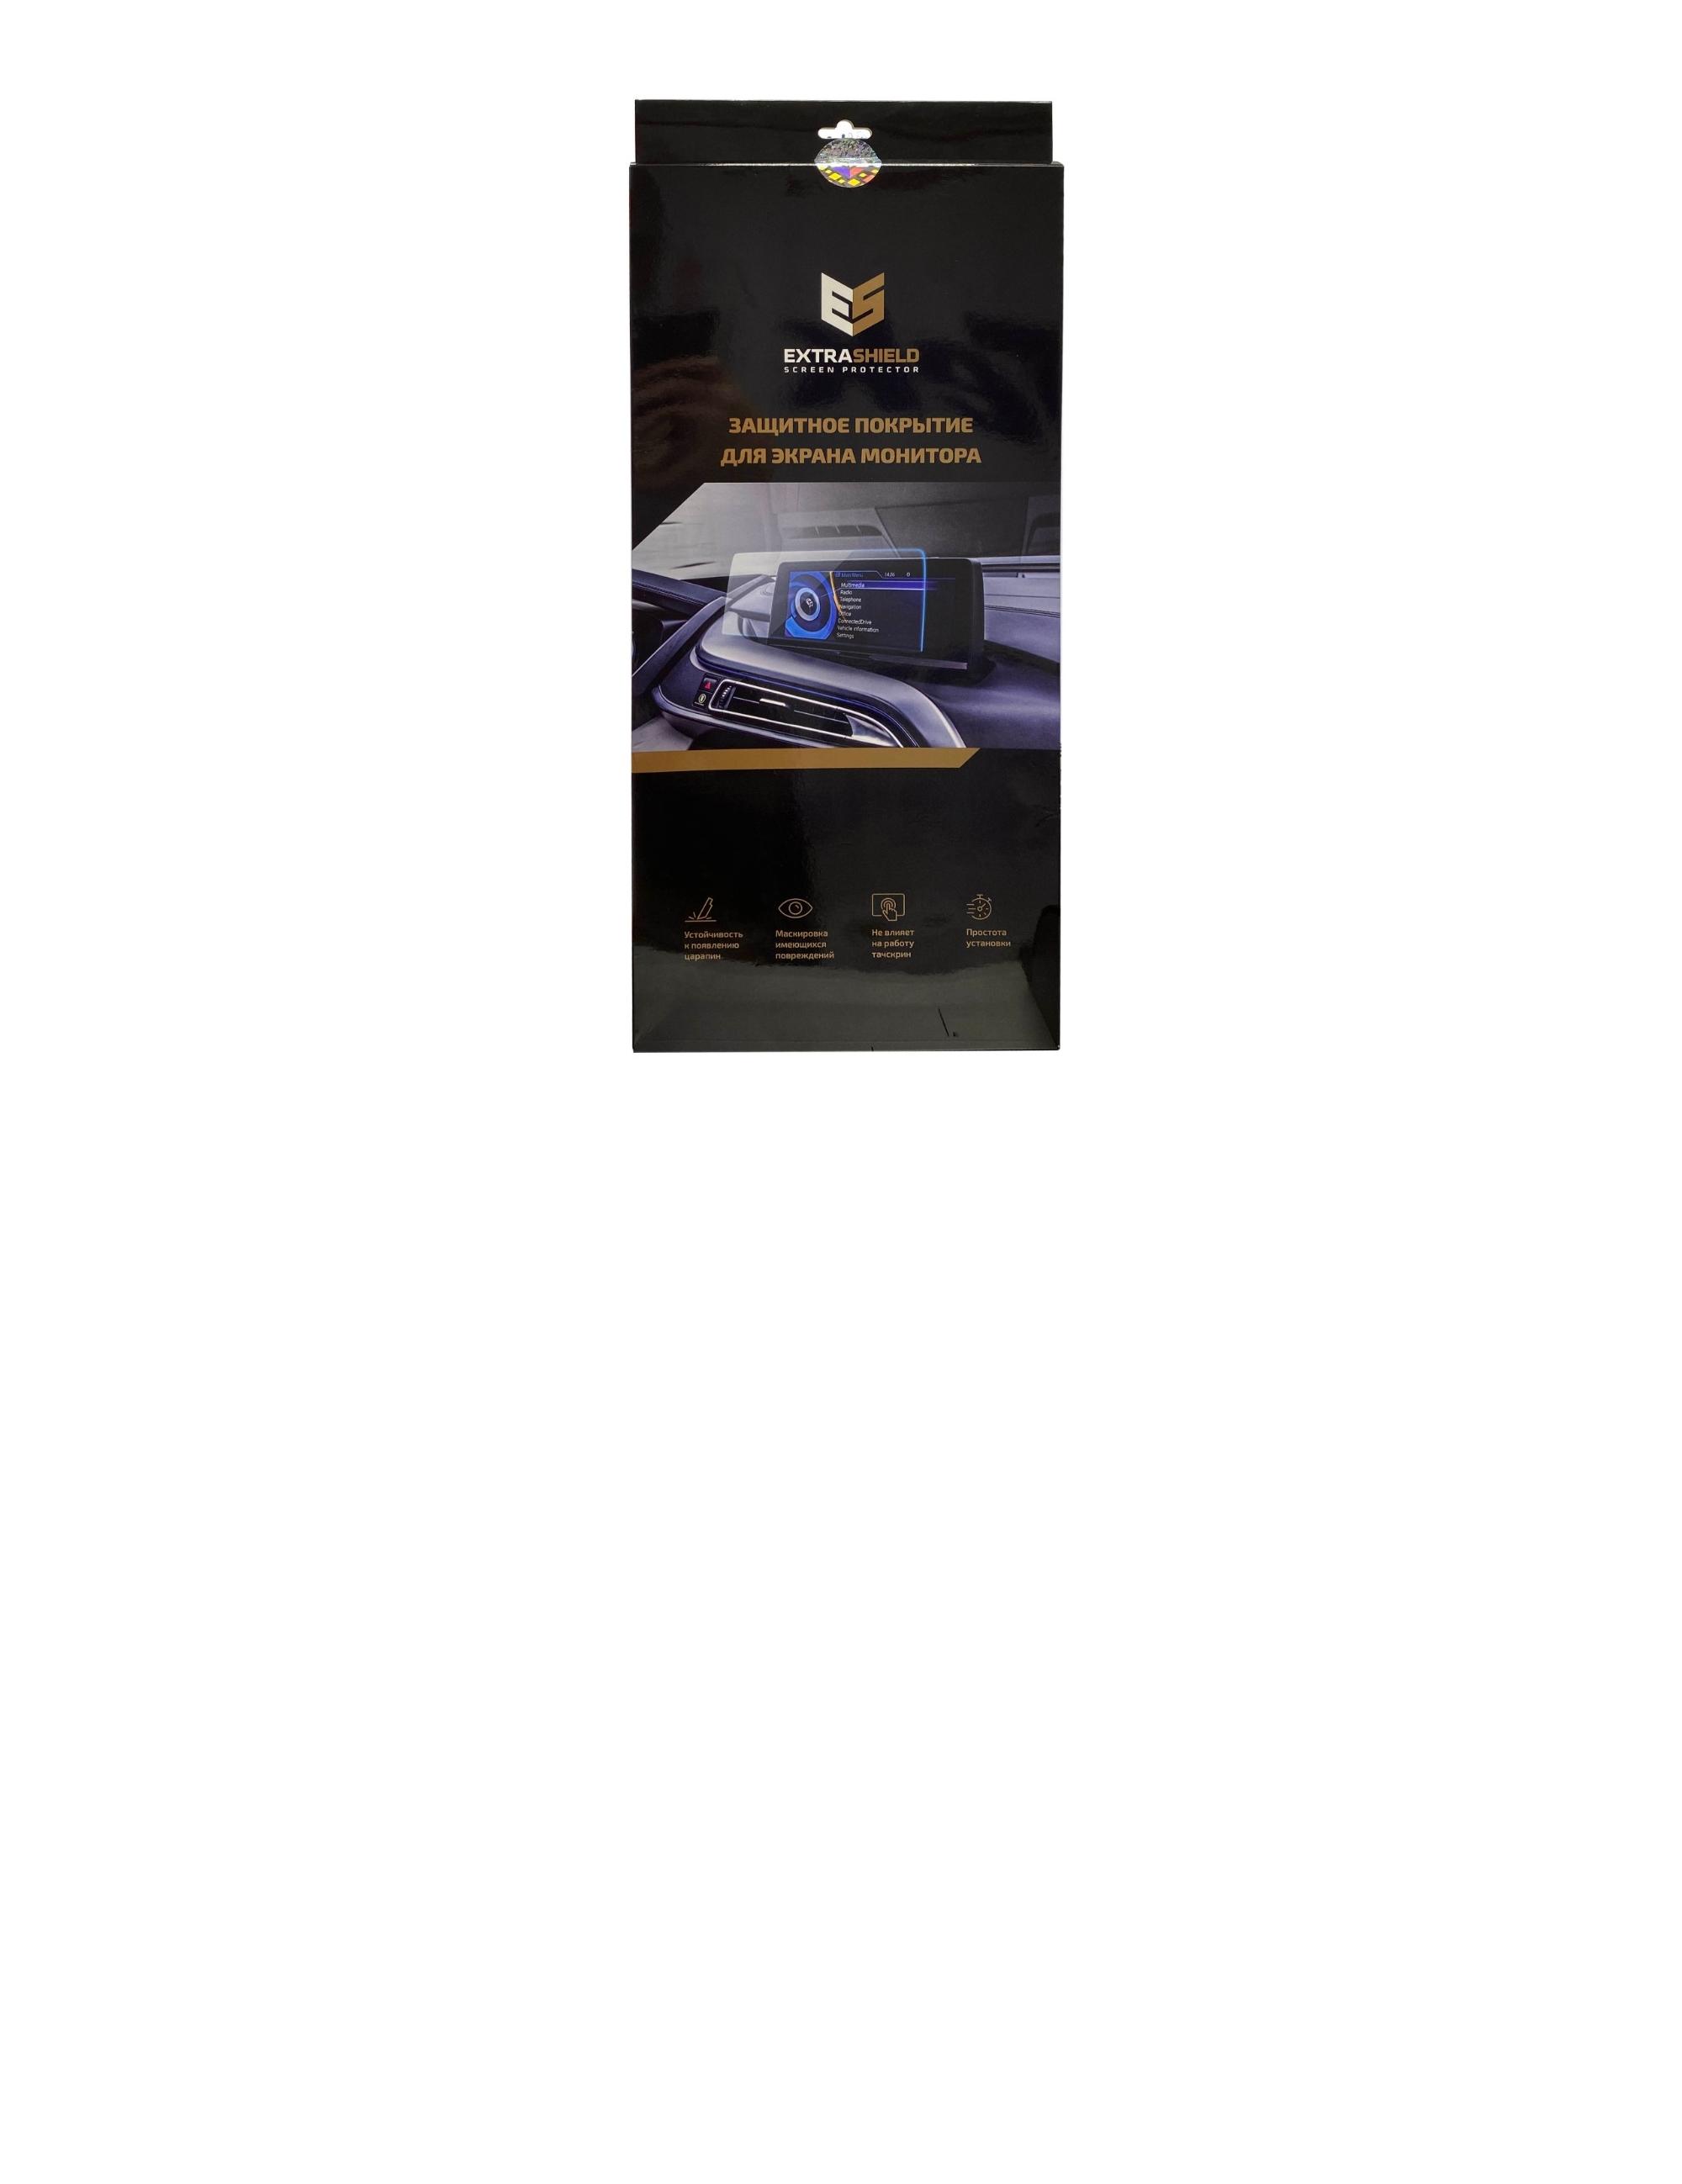 BMW X5 (G05) 2018 - н.в. приборная панель (с датчиком) 12.3 Защитное стекло Глянец